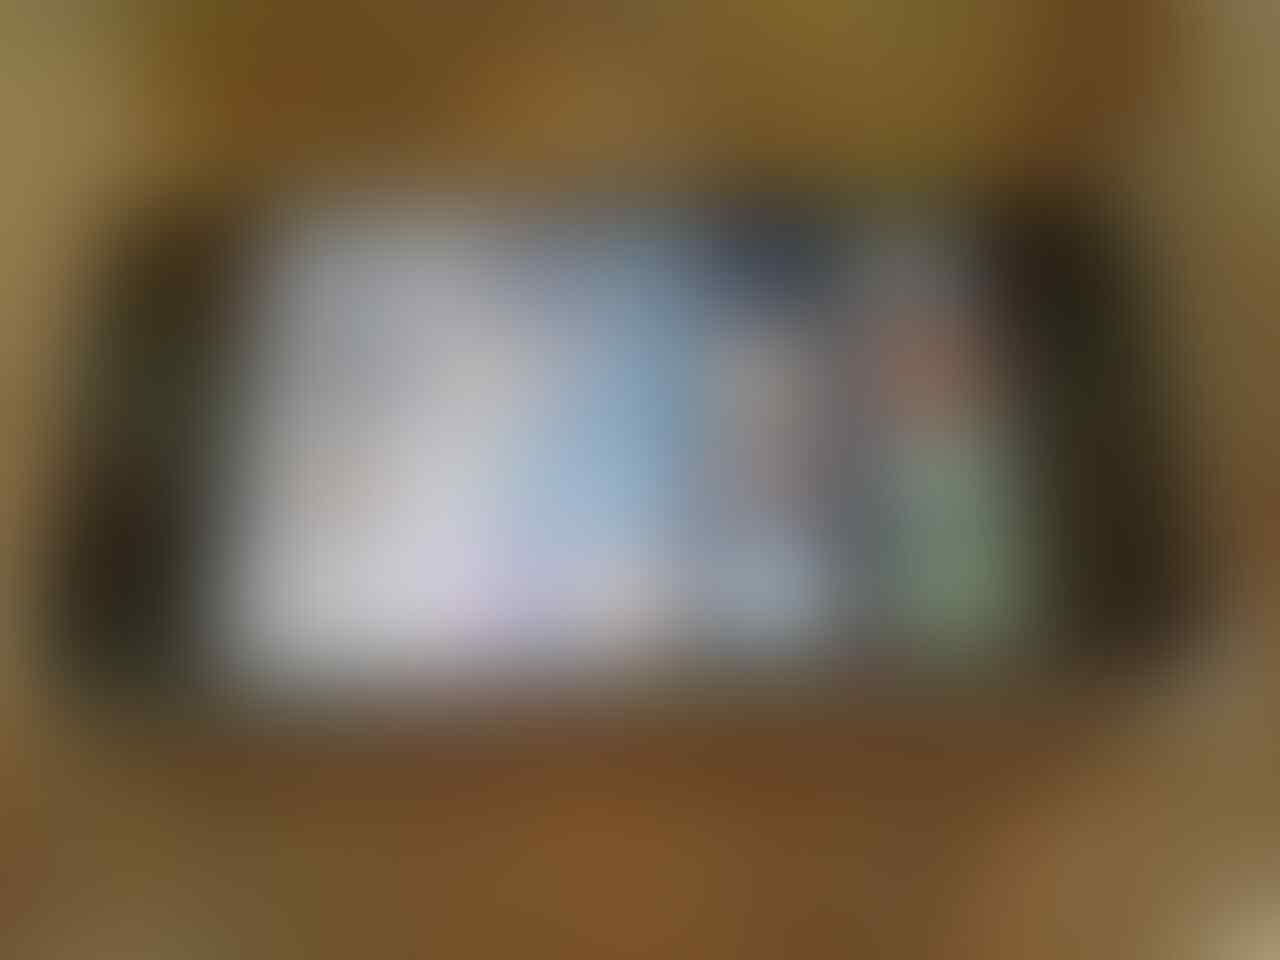 Dijual iphone 3gs 16gb fu hitam fulset